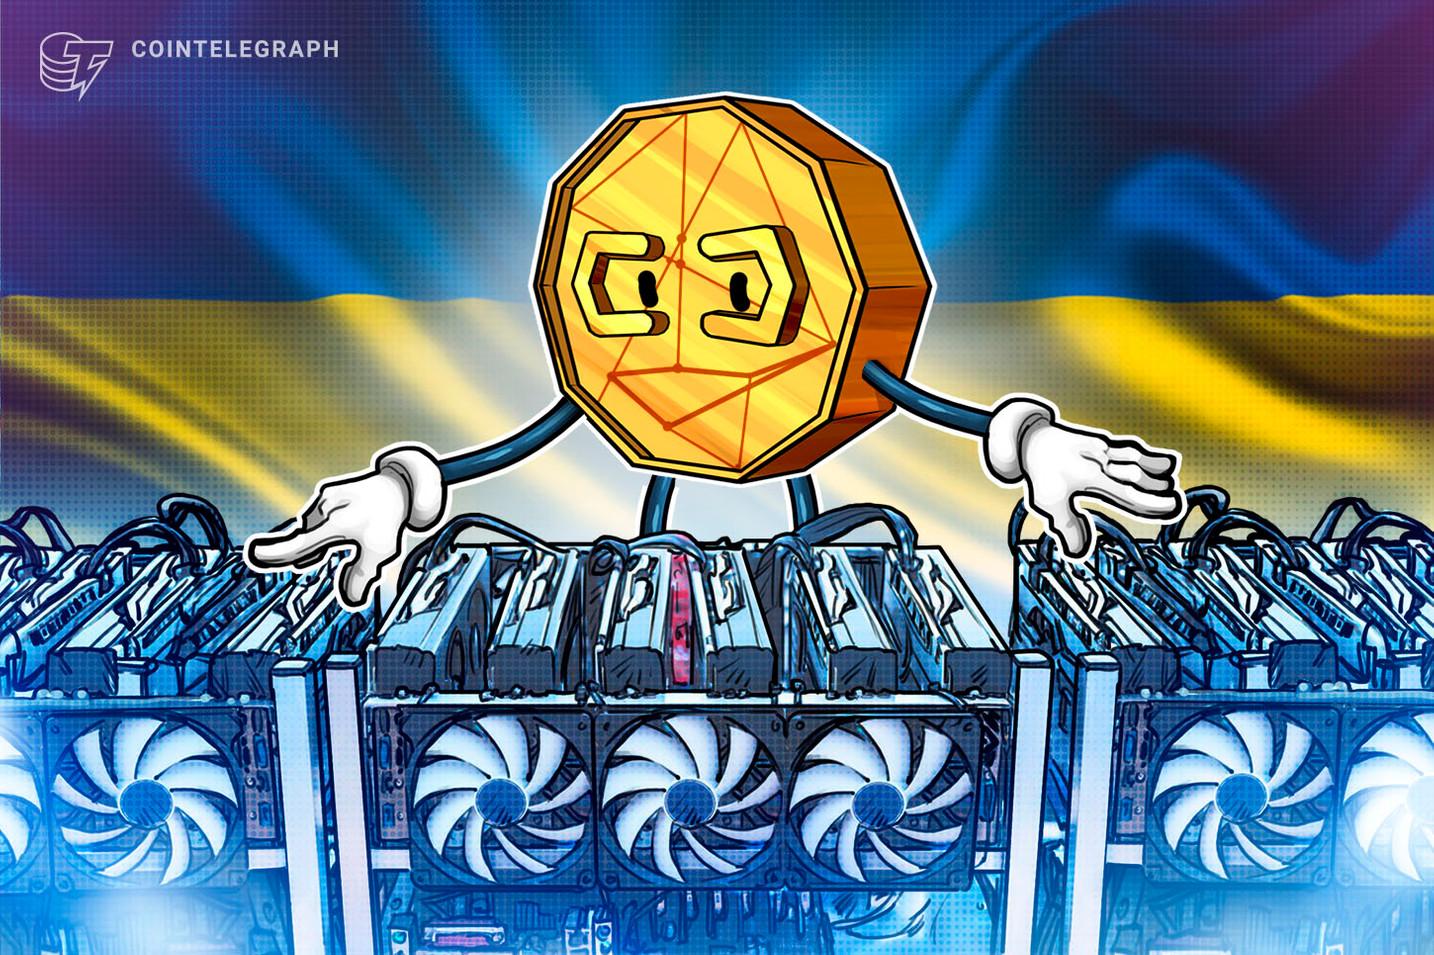 El regulador ucraniano dice que la criptominería no requiere supervisión del gobierno